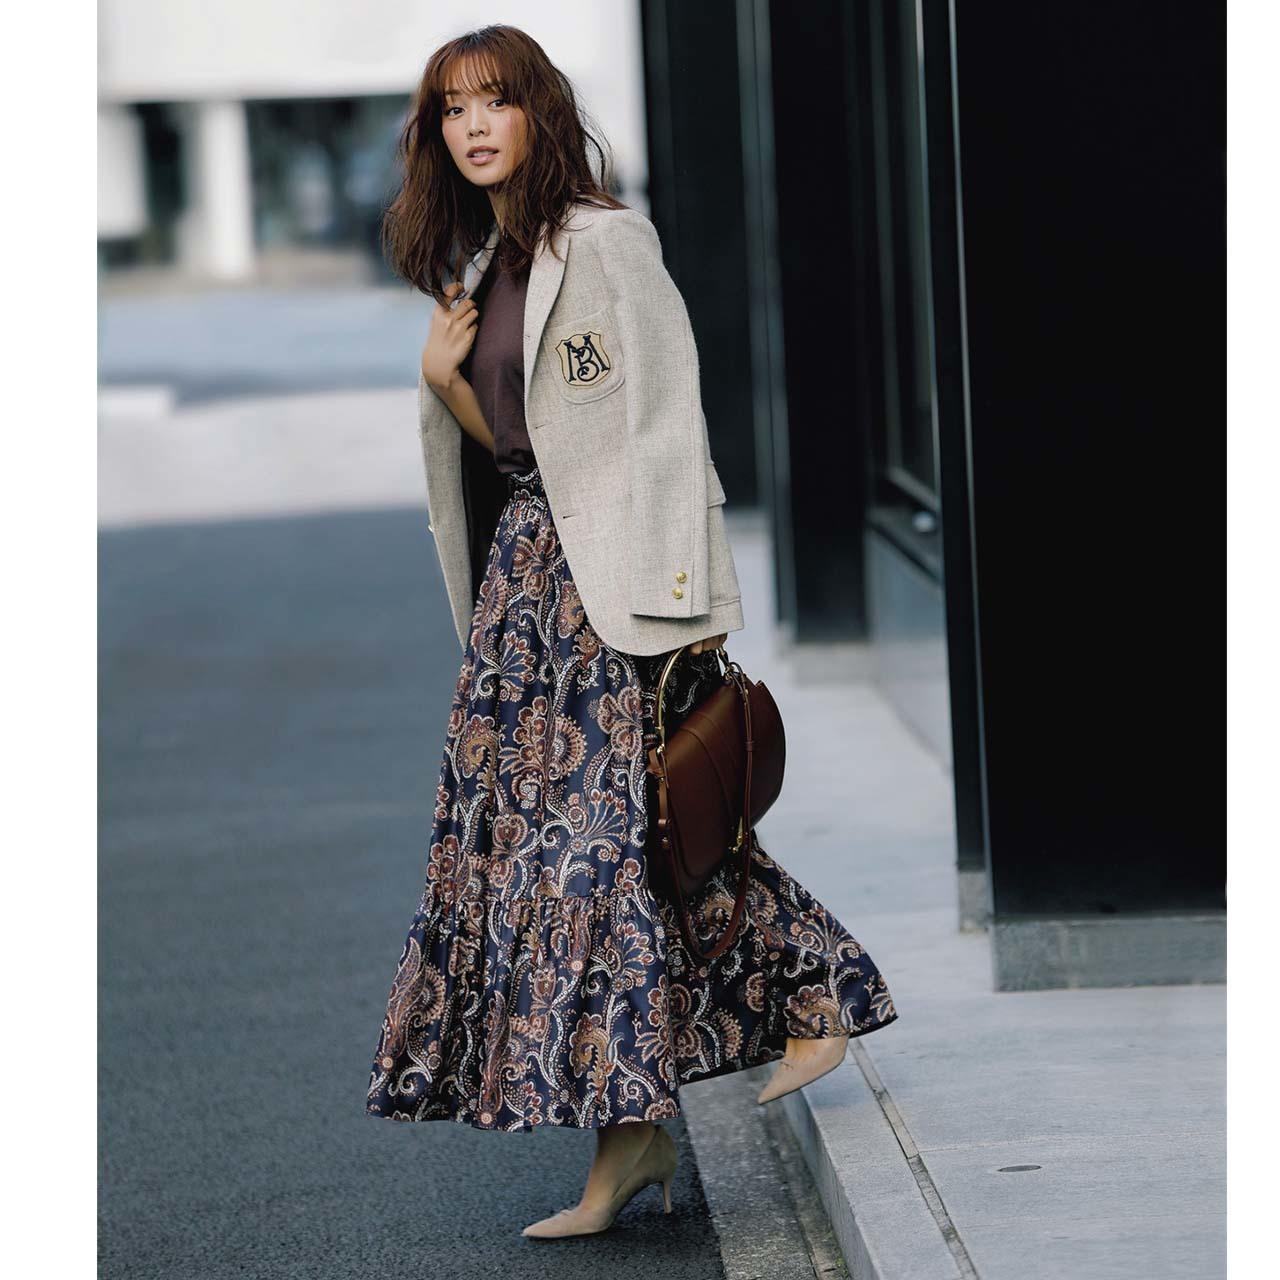 ジャケット×柄スカートの上品フェミニンコーデ